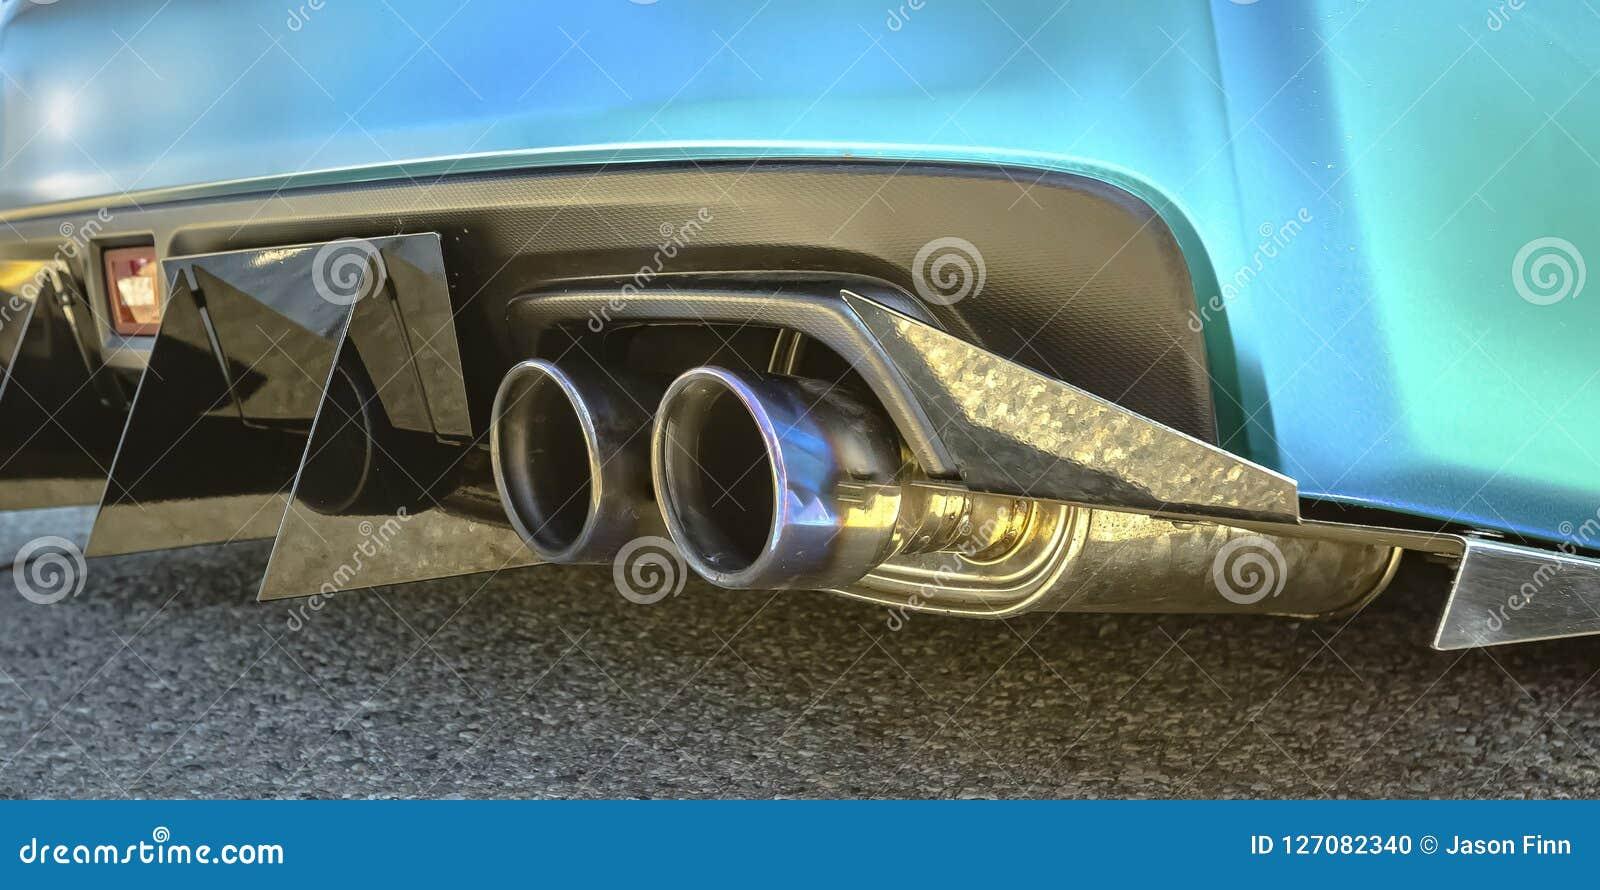 Auto Shot pipe